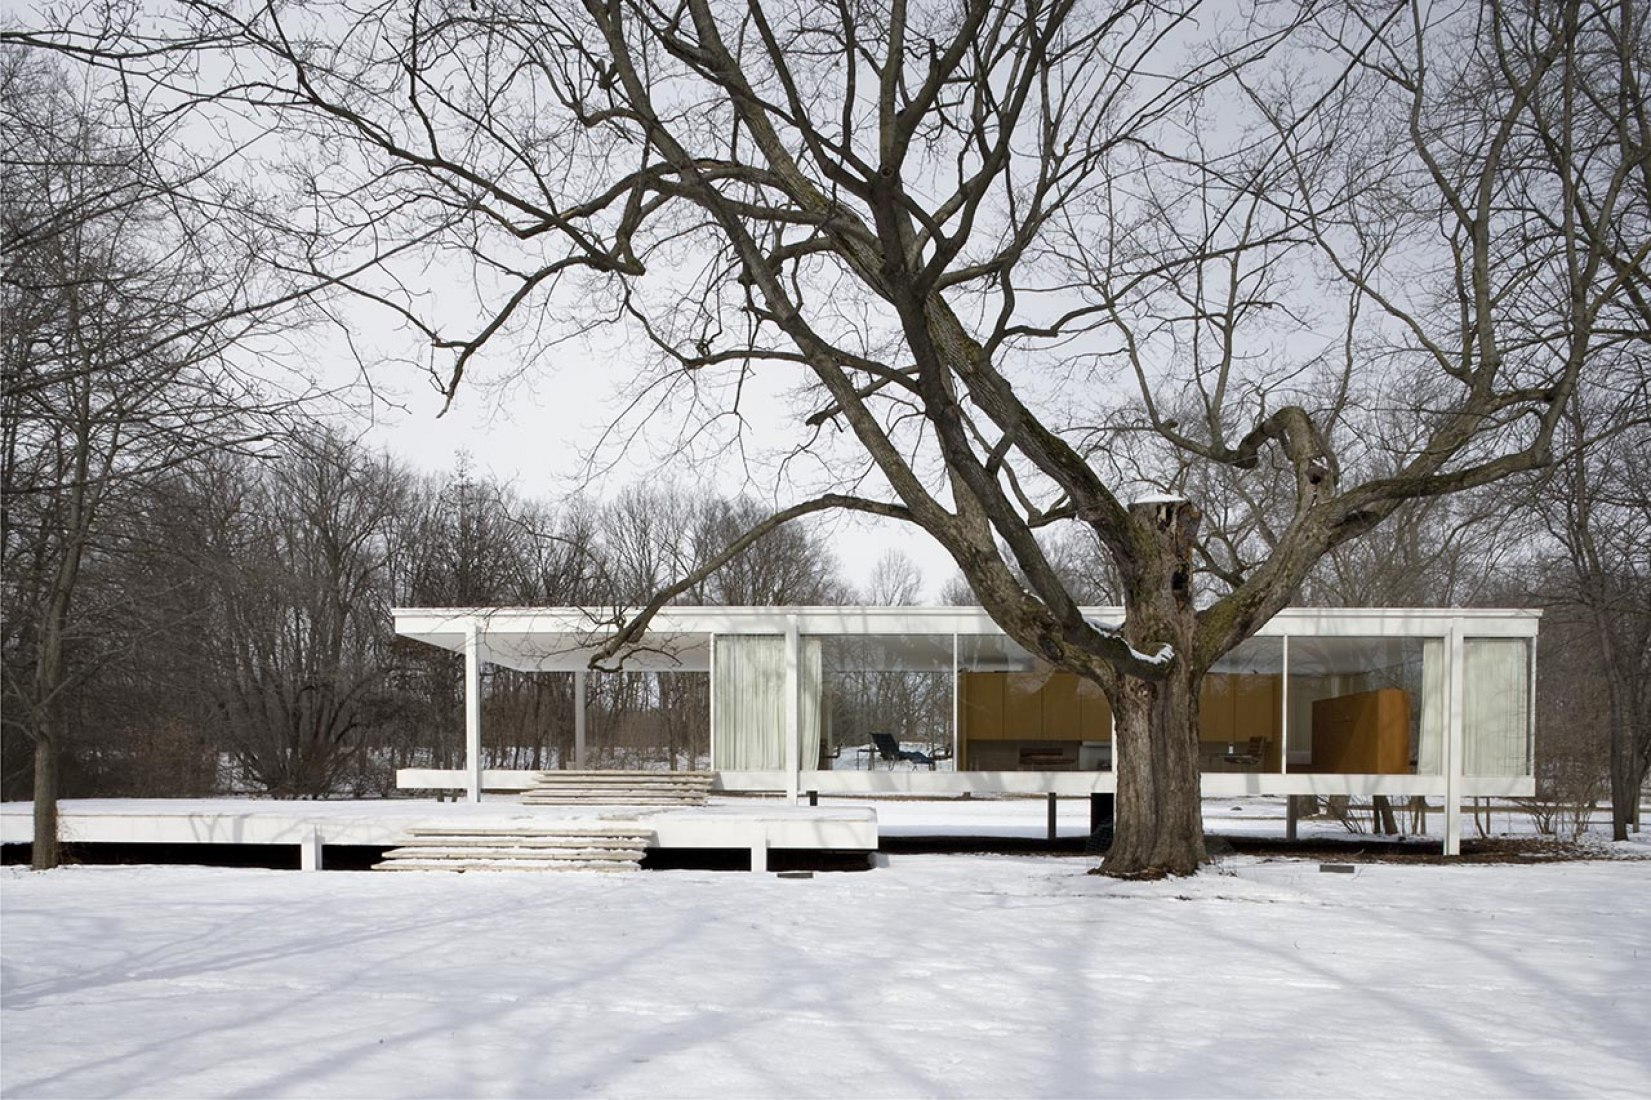 Casa Farnsworth por Mies van der Rohe, 8 de marzo de 2006. Fotografía © Carol M. Highsmith.